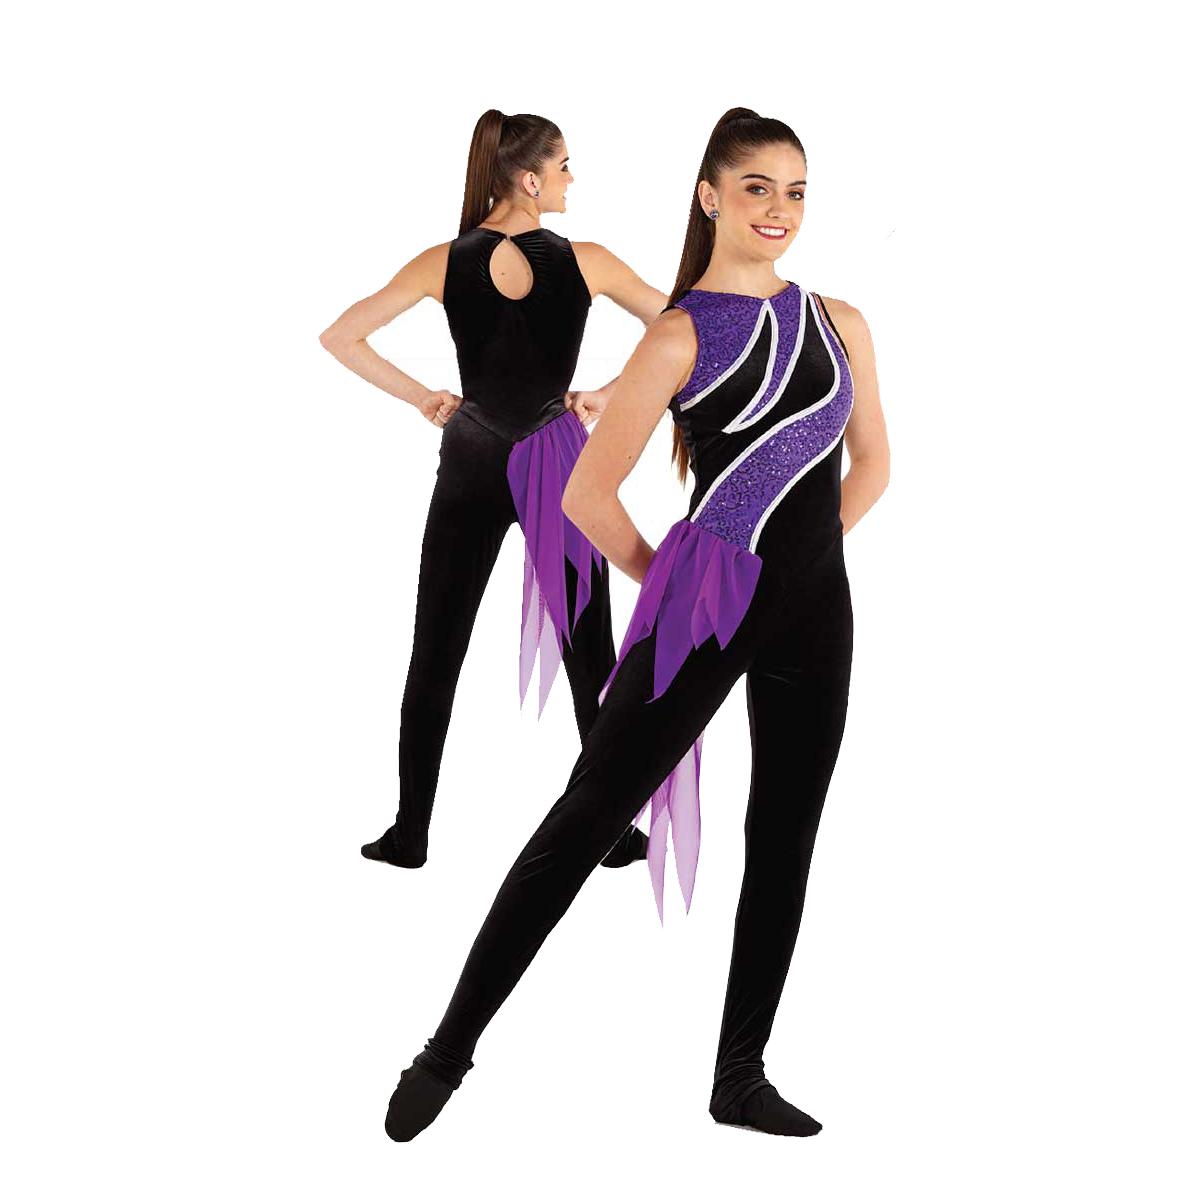 Guard Uniforms: Style 2001 Jumpsuit